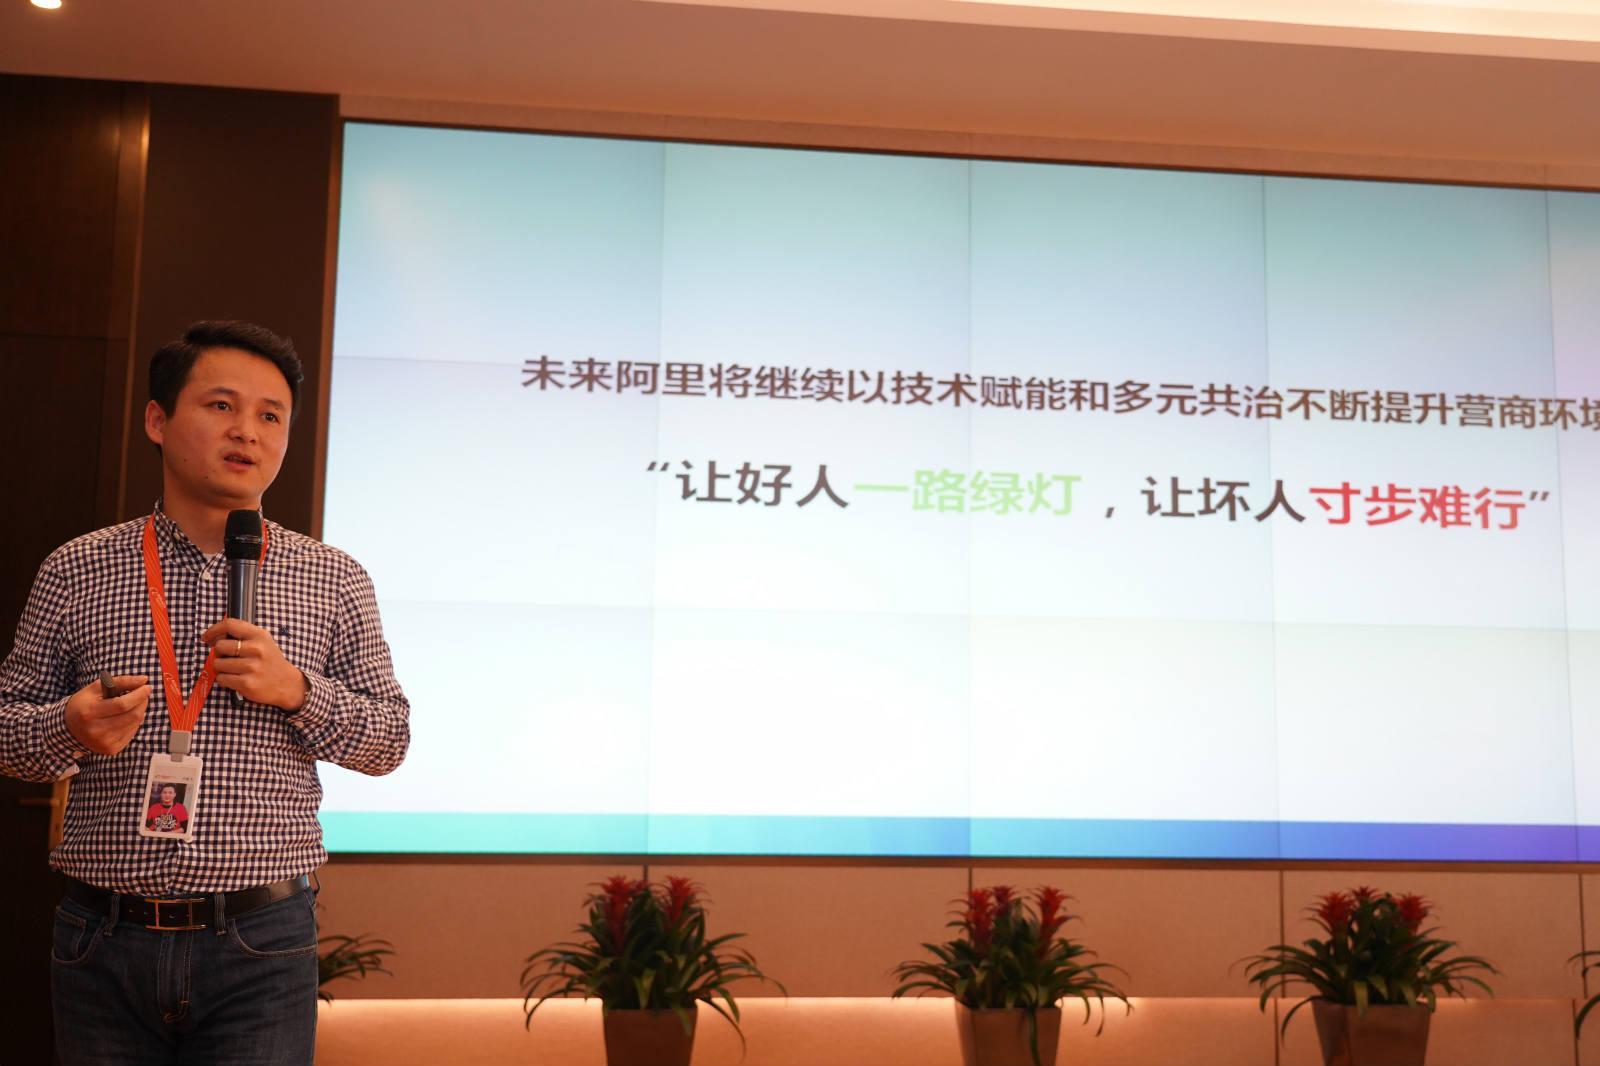 """图说:阿里巴巴风险治理总监叶智飞表示,不断提升网络营商环境,""""让好人一路绿灯、让坏人寸步难行""""。_meitu_8"""